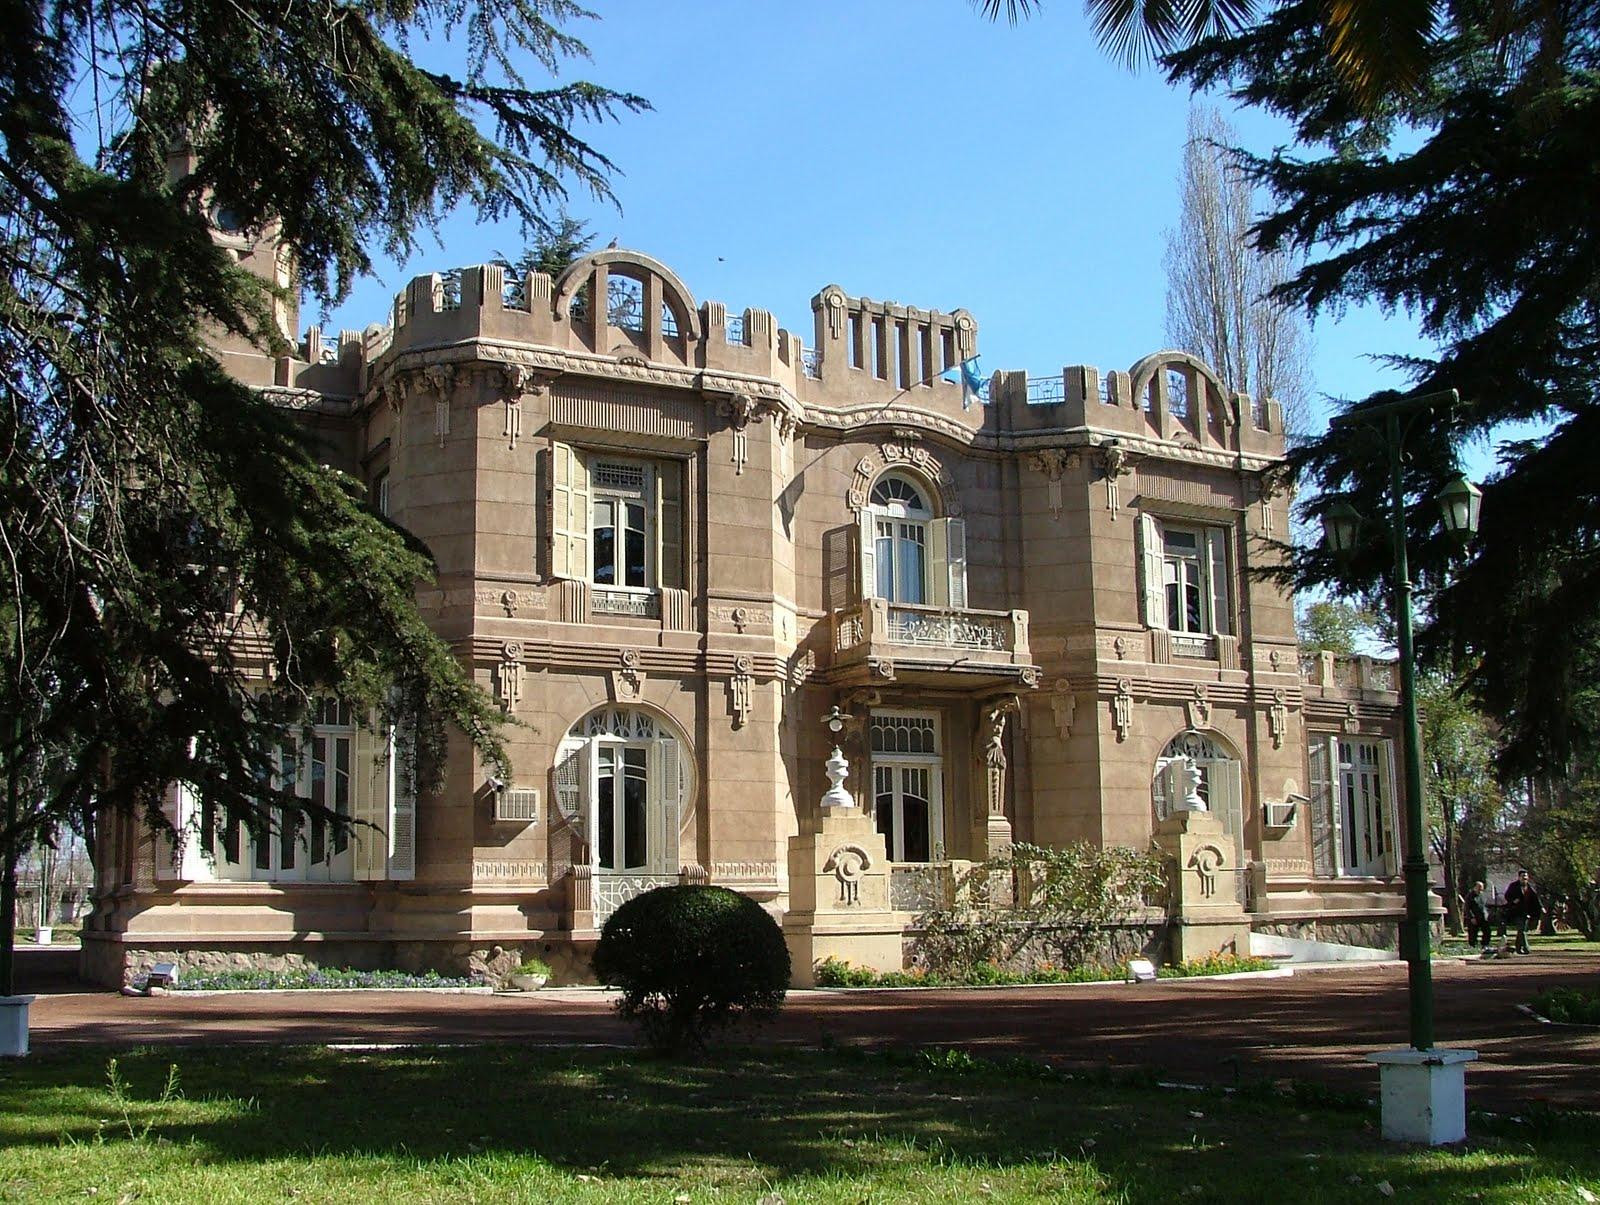 Foto tomada de maipupotenciatussentidos.blogspot.com.co/